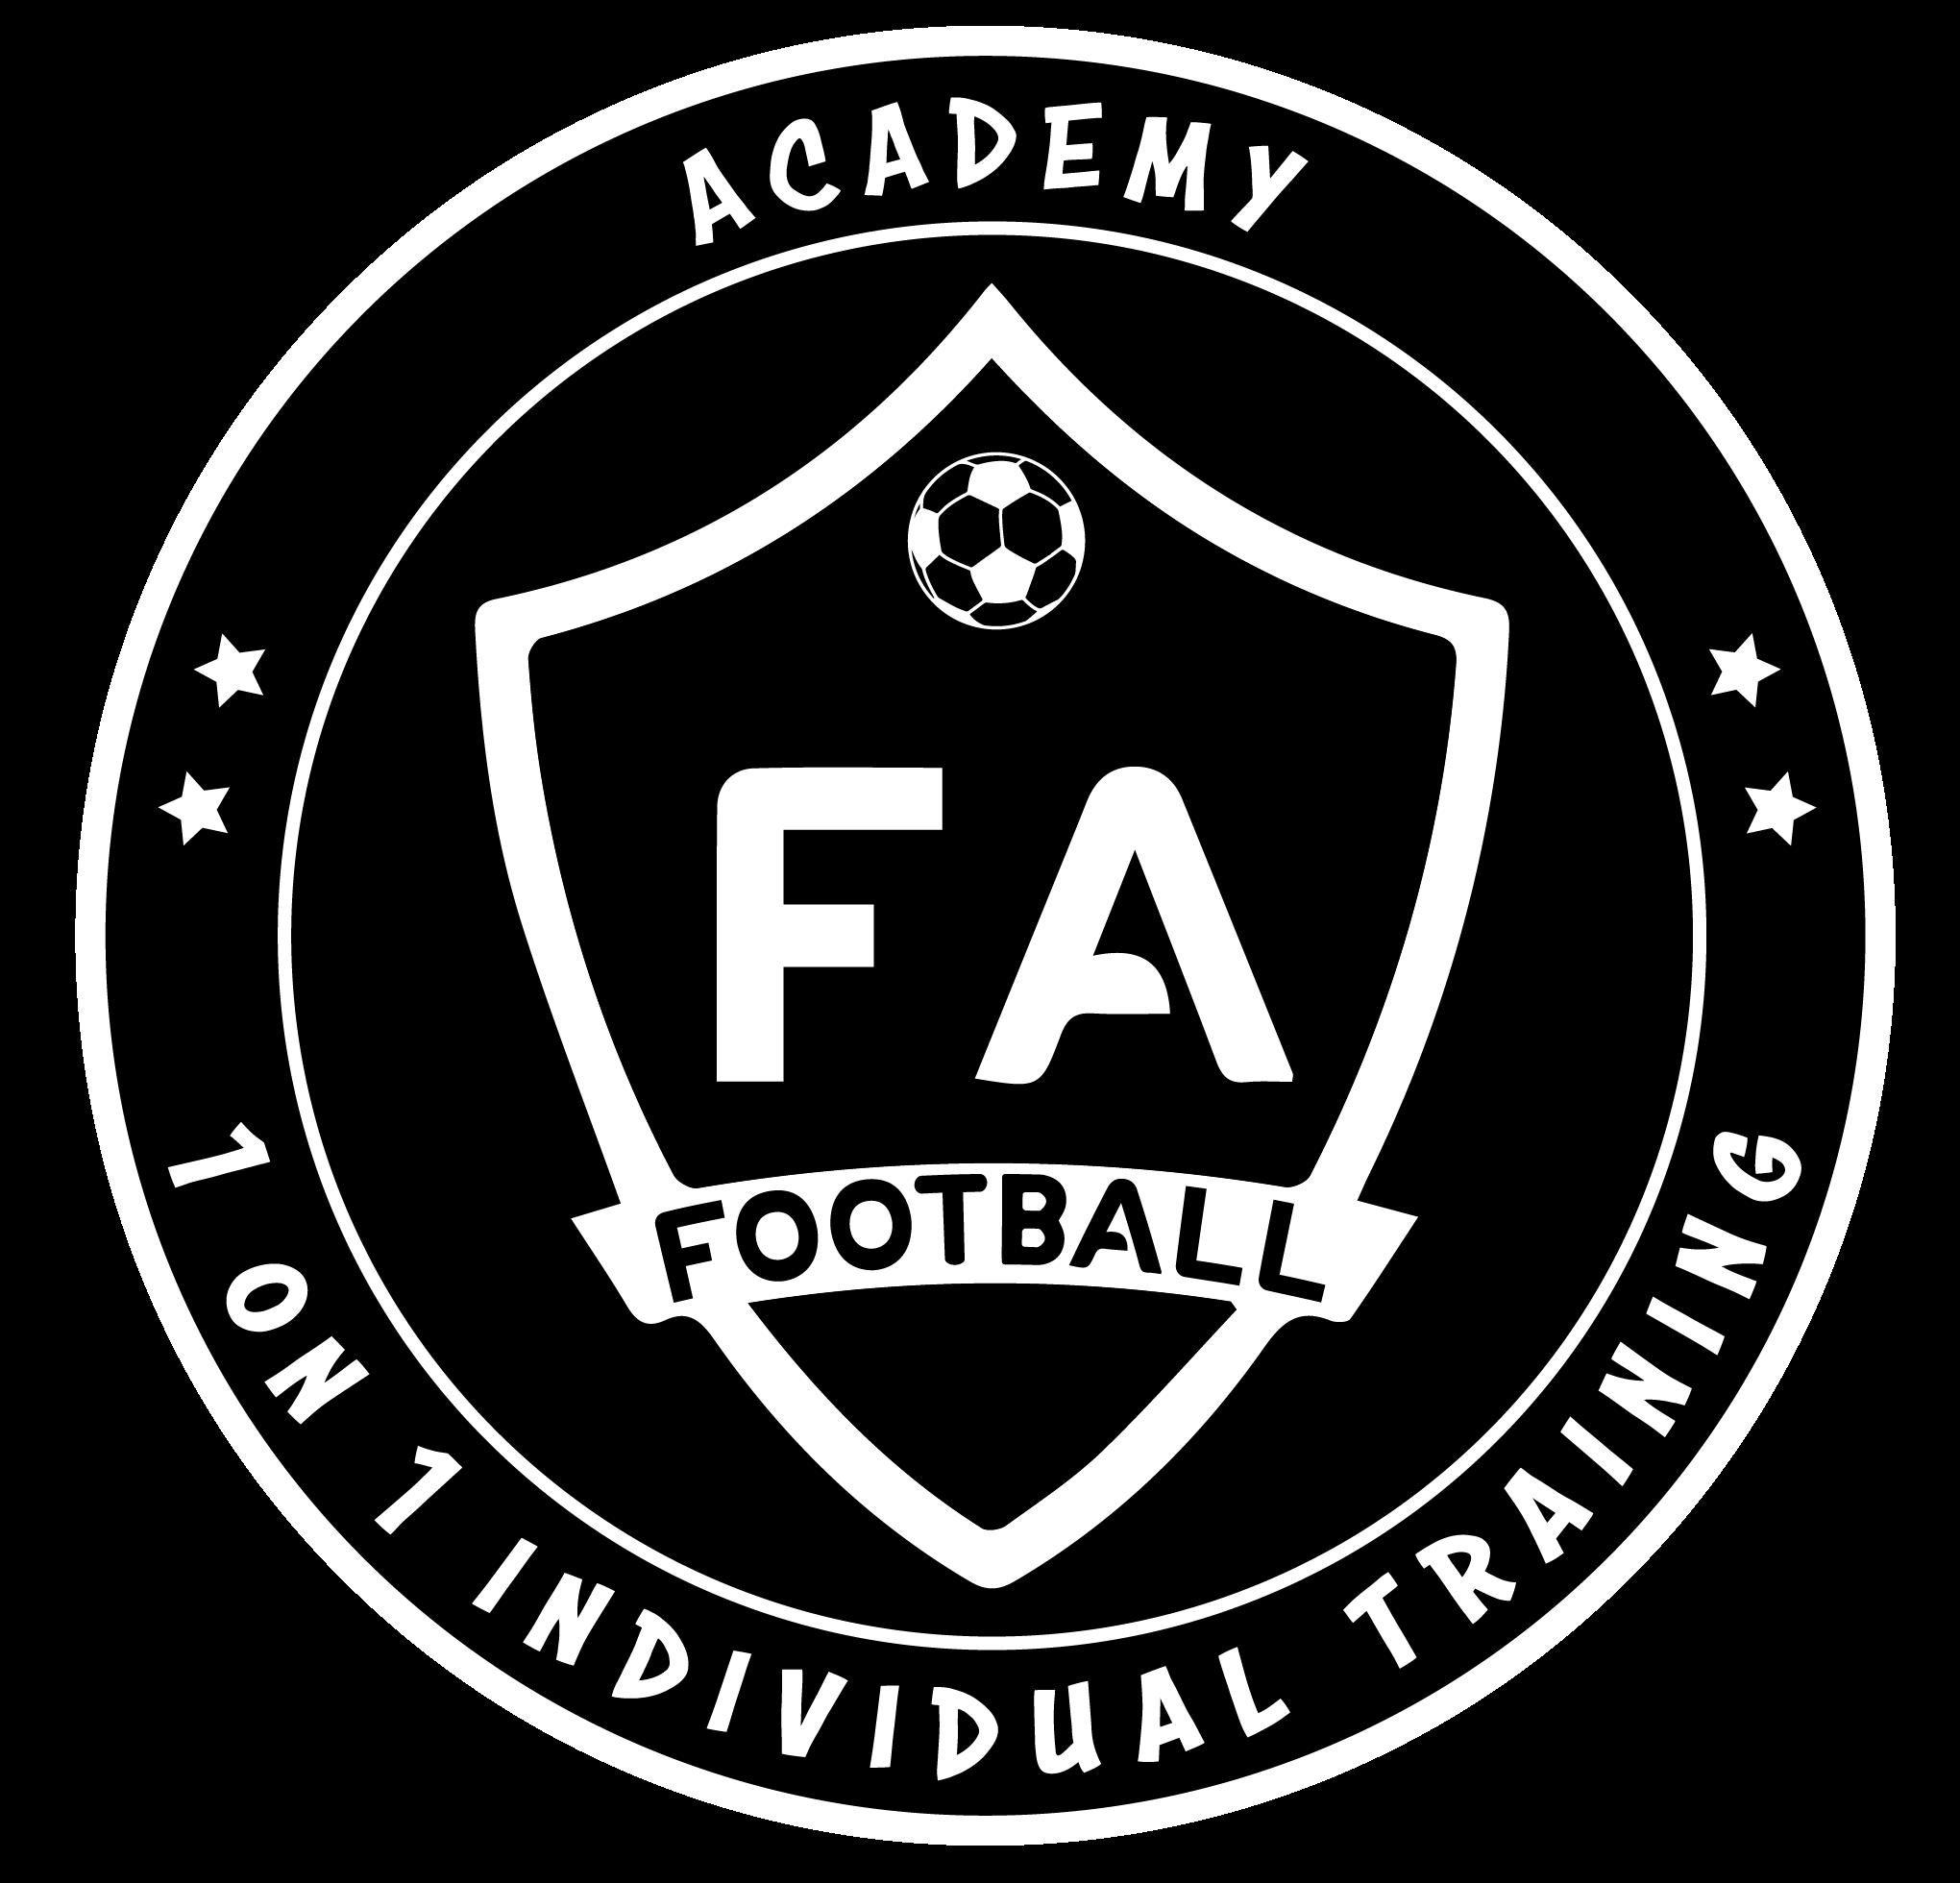 Freddie Academy